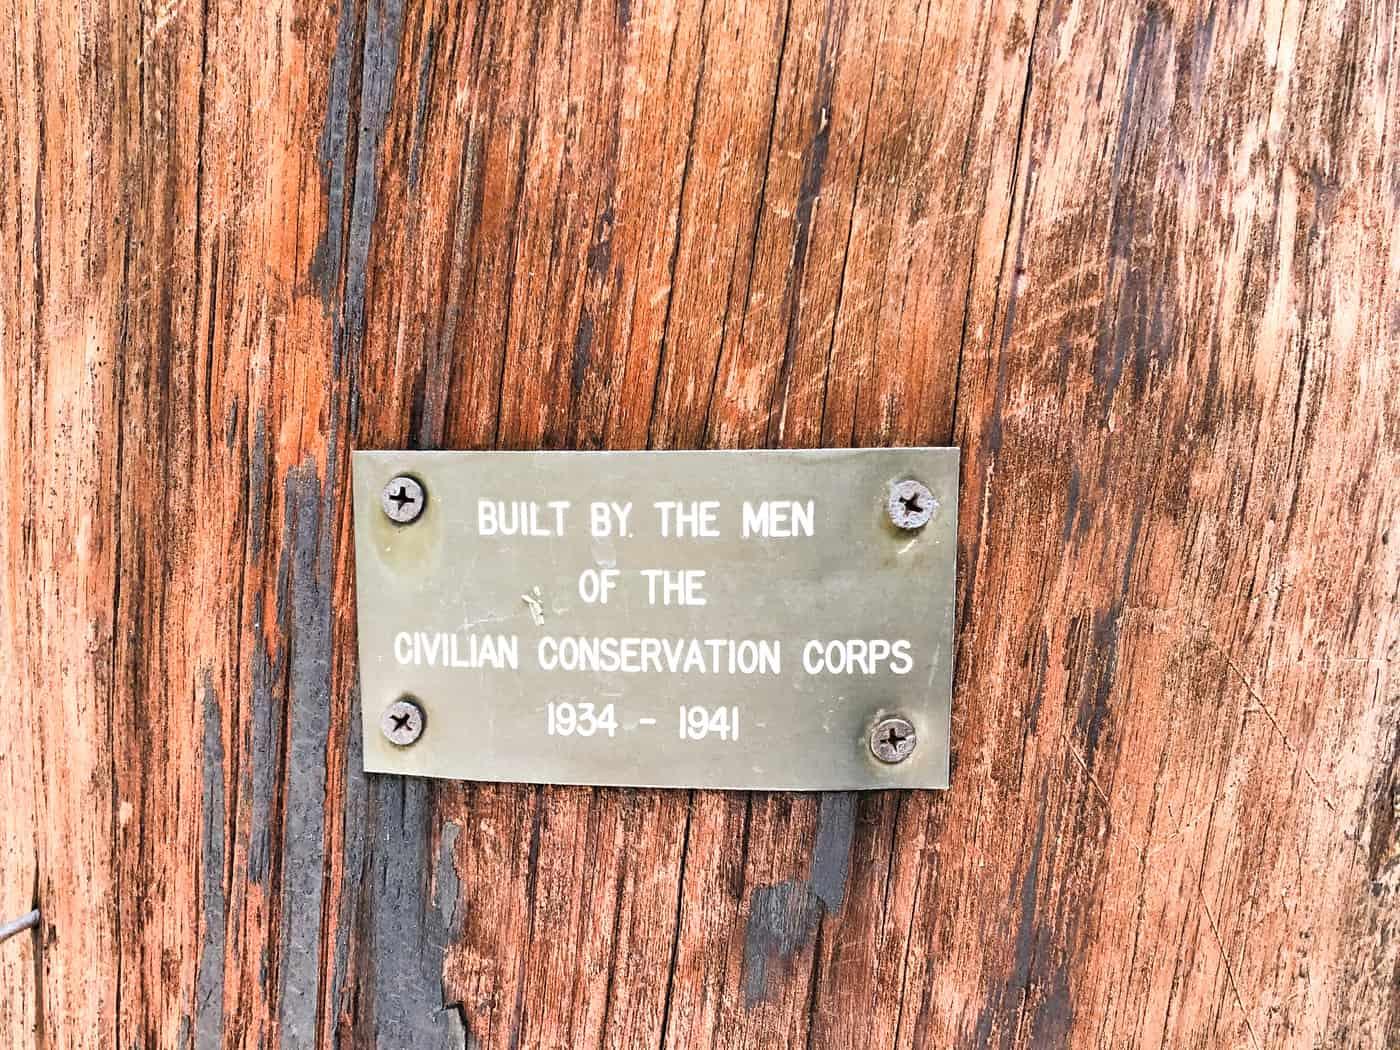 Plaque at suspension bridge